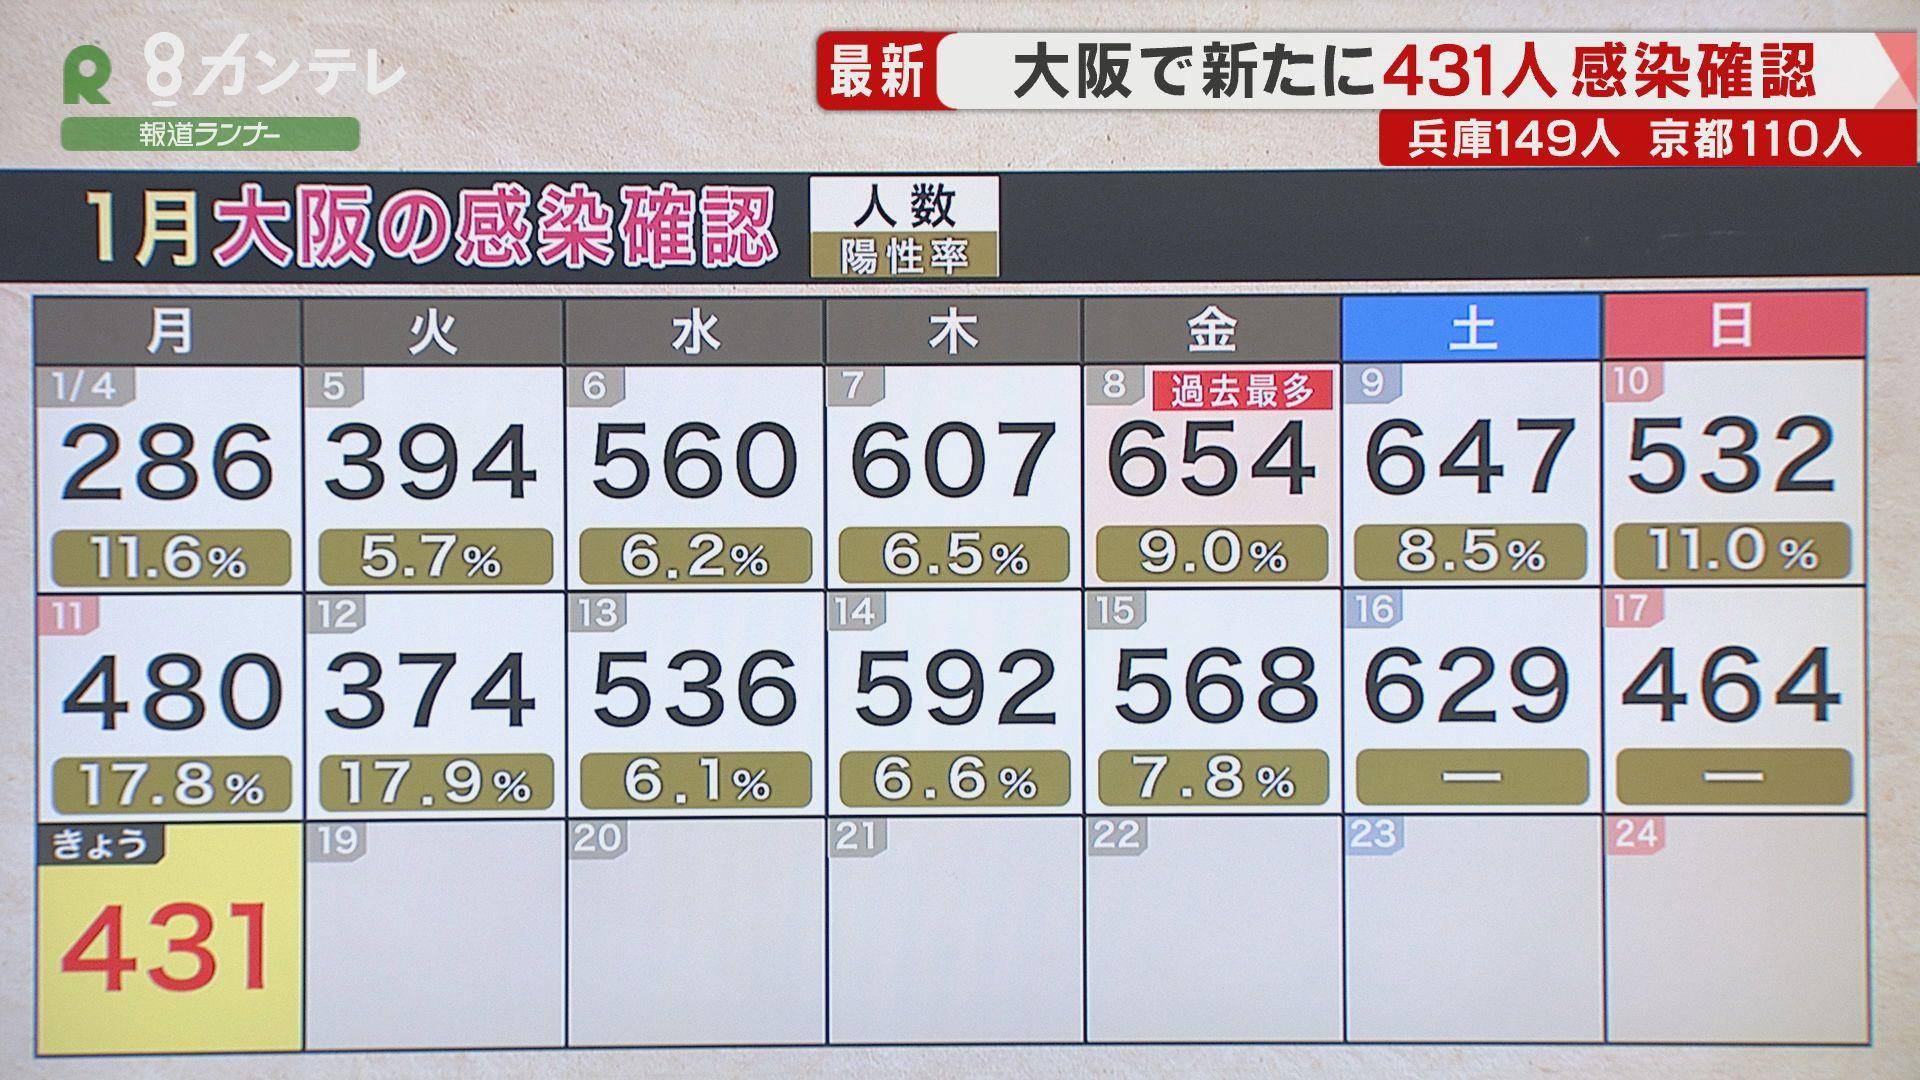 大阪府で431人の感染確認 10人が死亡 重傷病床の運用率は86.2% 高校などで集団感染も